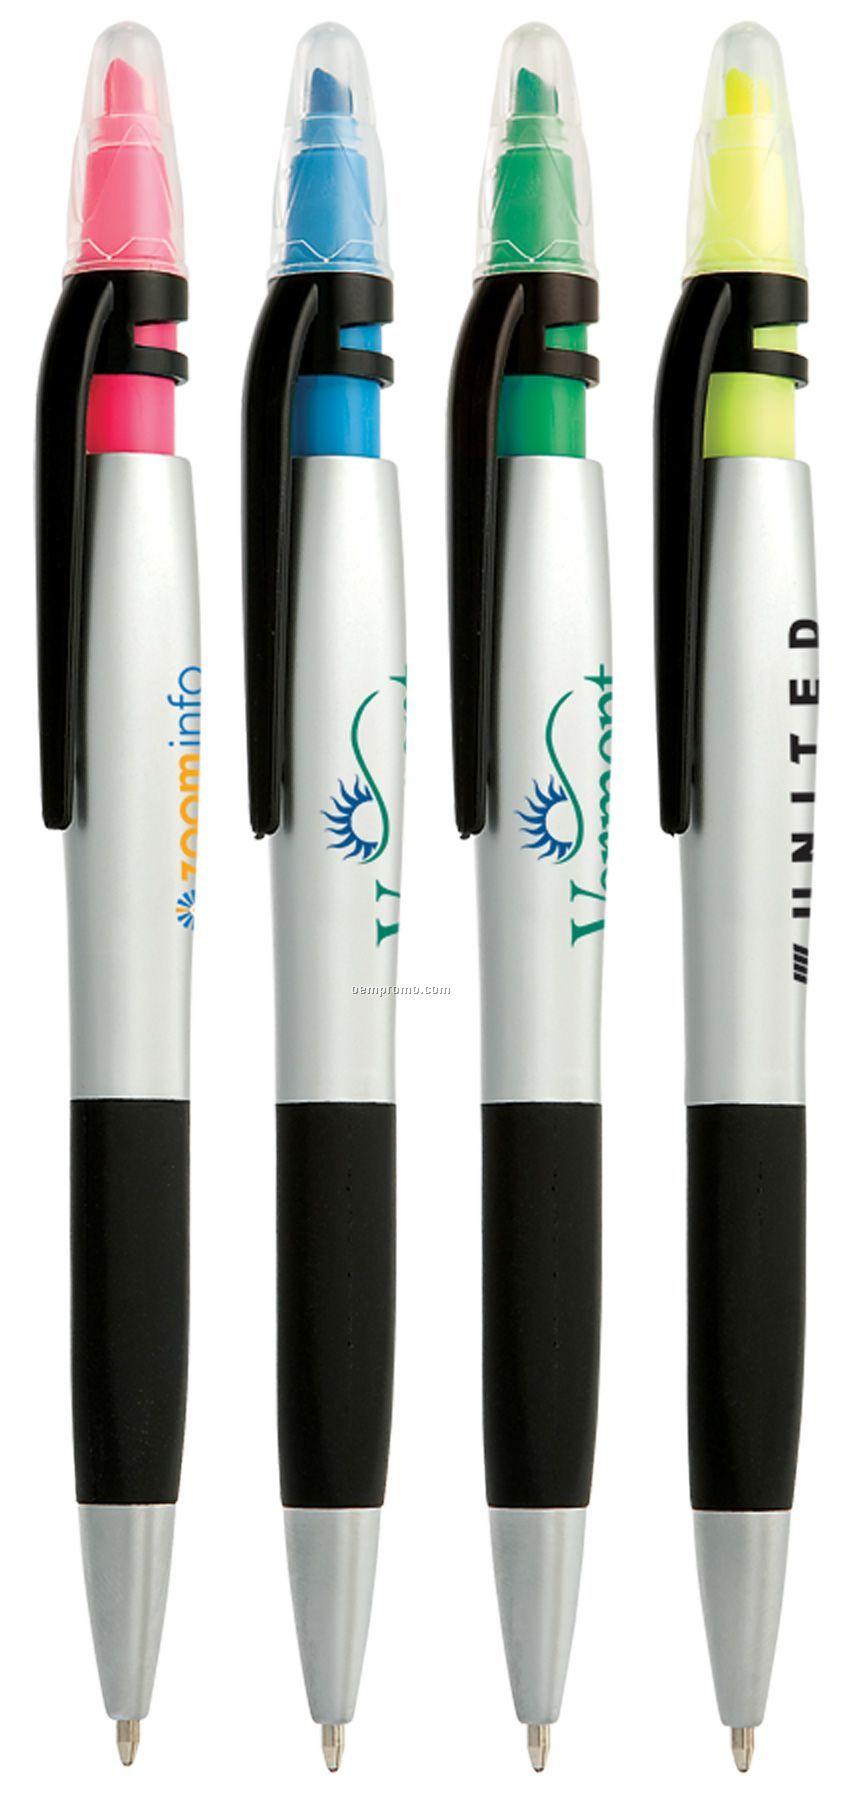 Duet Highlighter Pen - Closeout